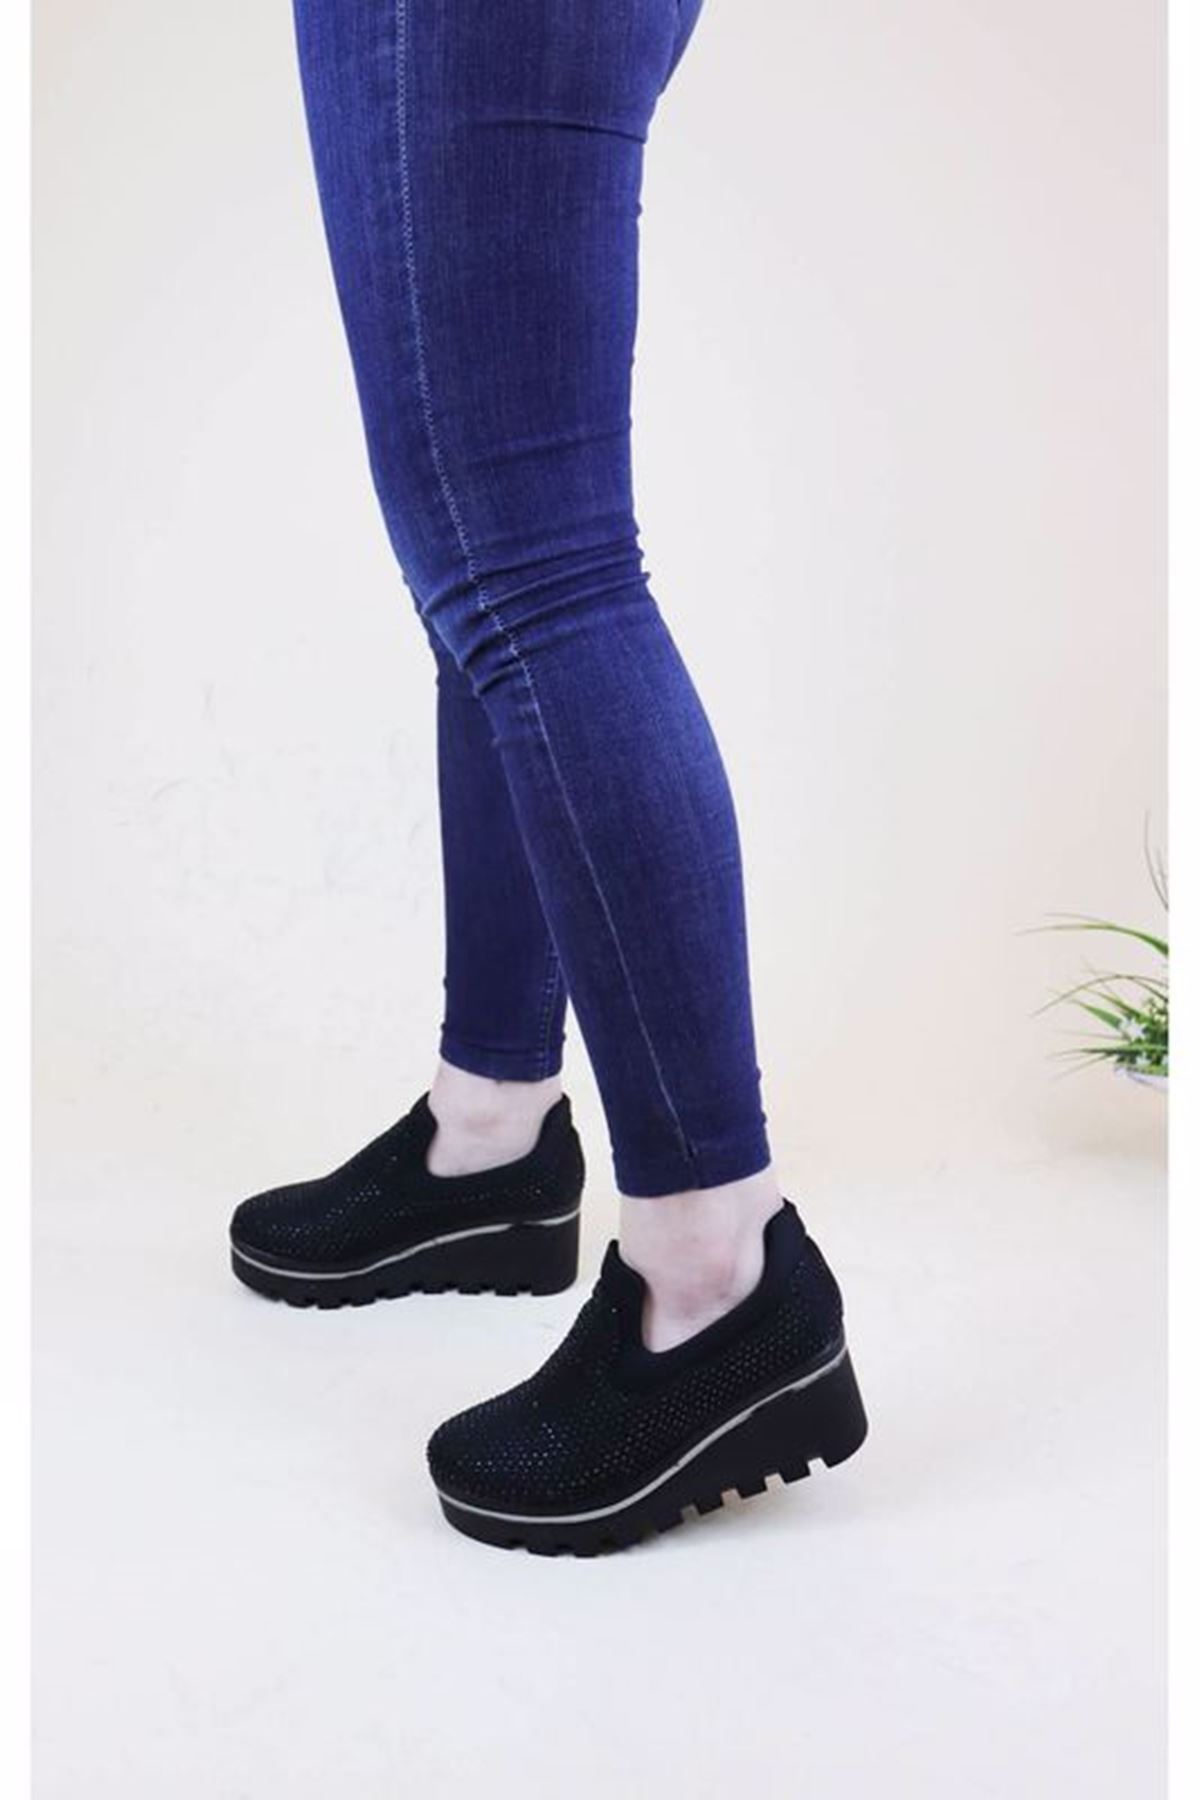 Trend Ayakkabı 1008 Kadın Taşlı Dolgu Topuk Ayakkabısı